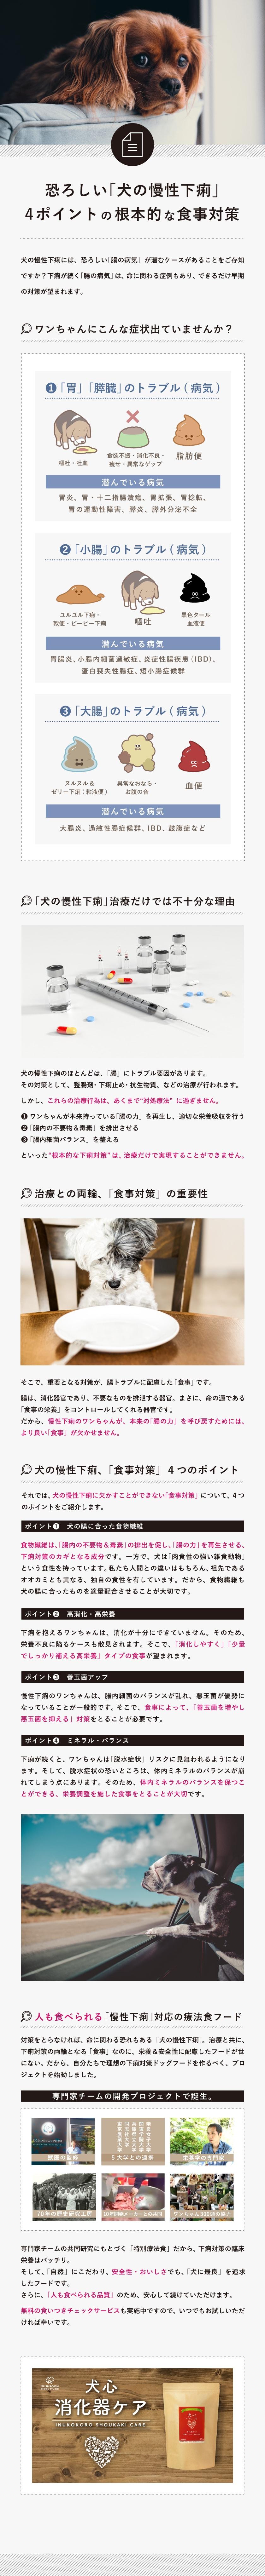 犬の下痢対策について